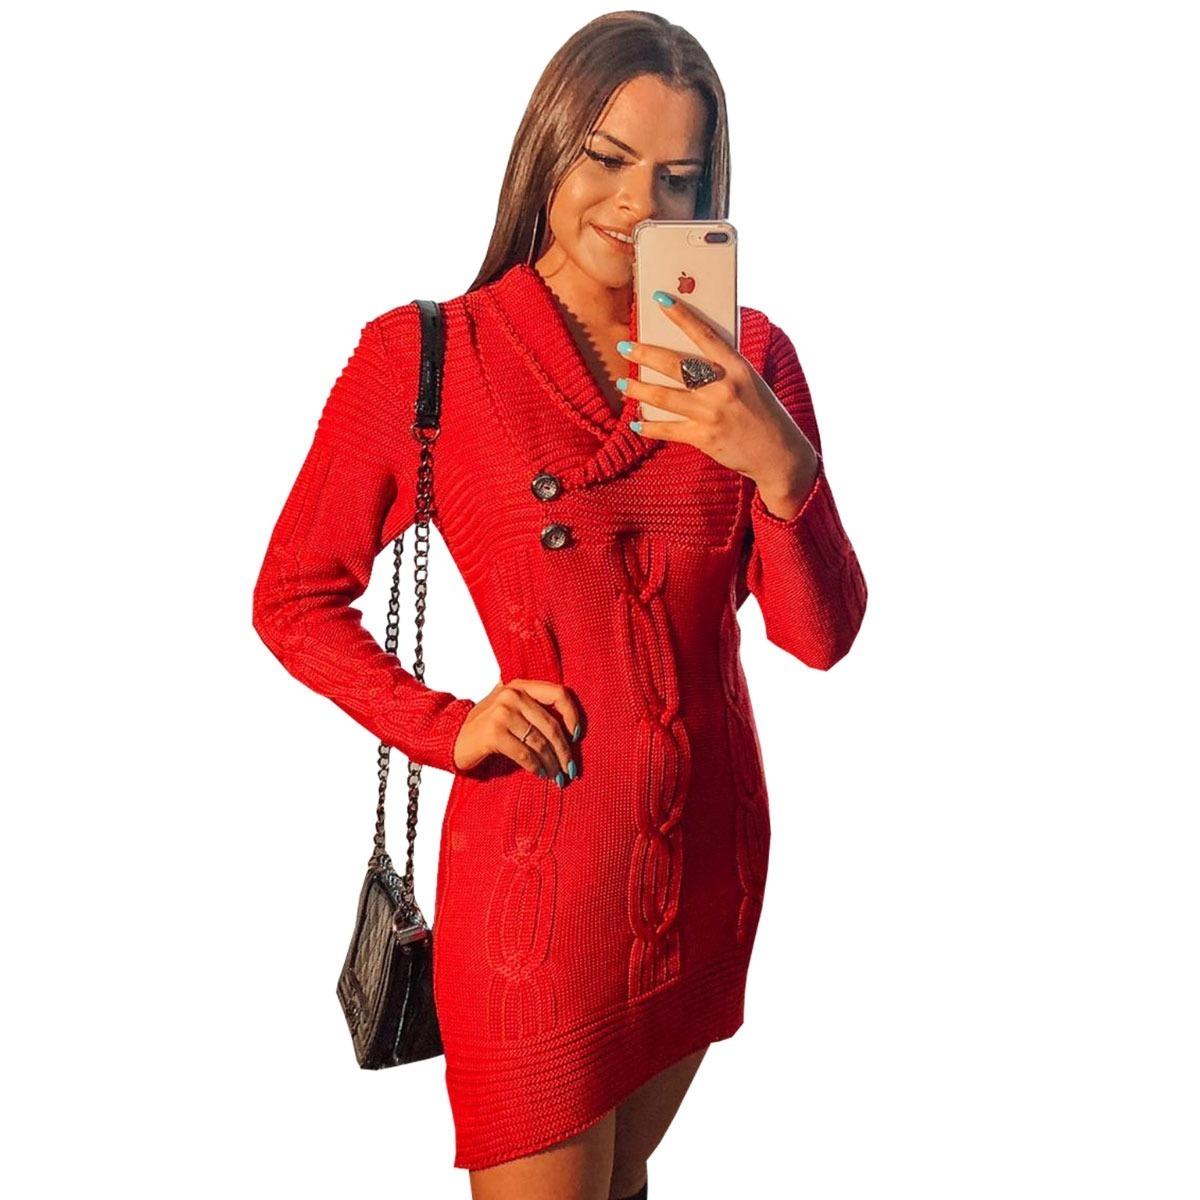 e2b8633ae376 vestido de inverno moda evangélica feminina 2019 manga longa. Carregando  zoom.